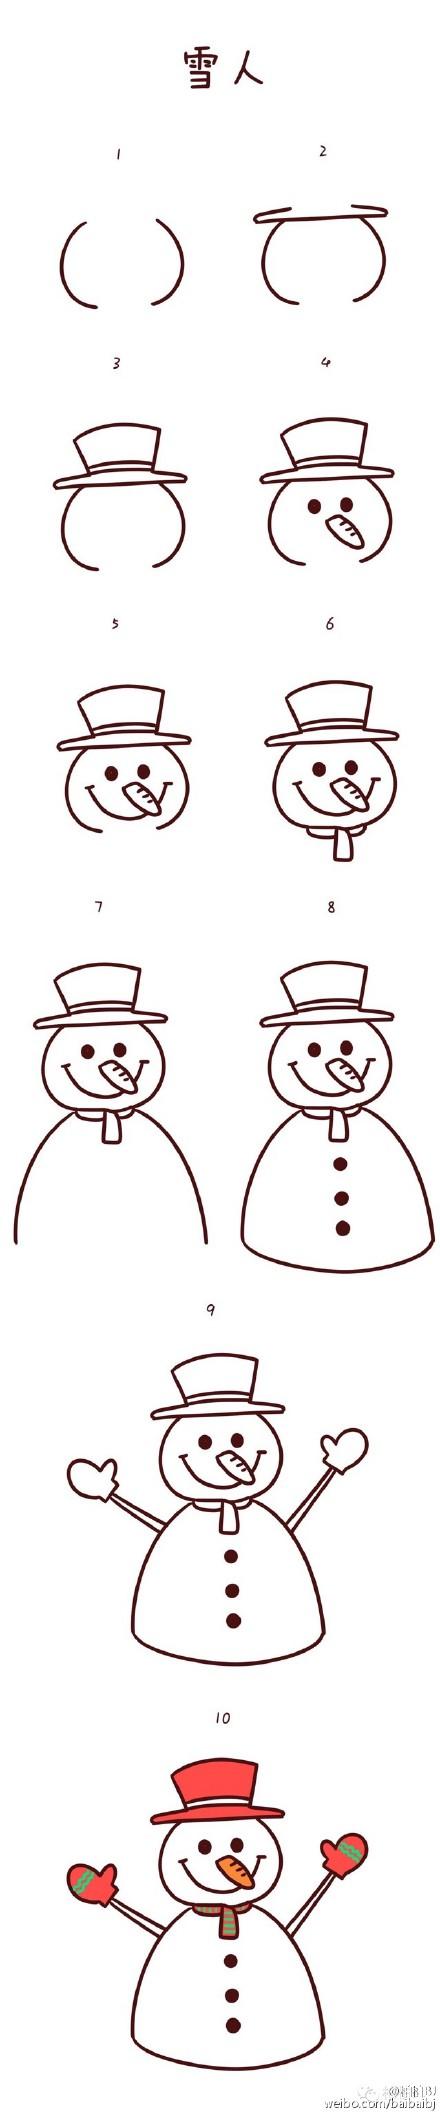 【早教】圣诞来啦,教大家画几个圣诞简笔画|感统